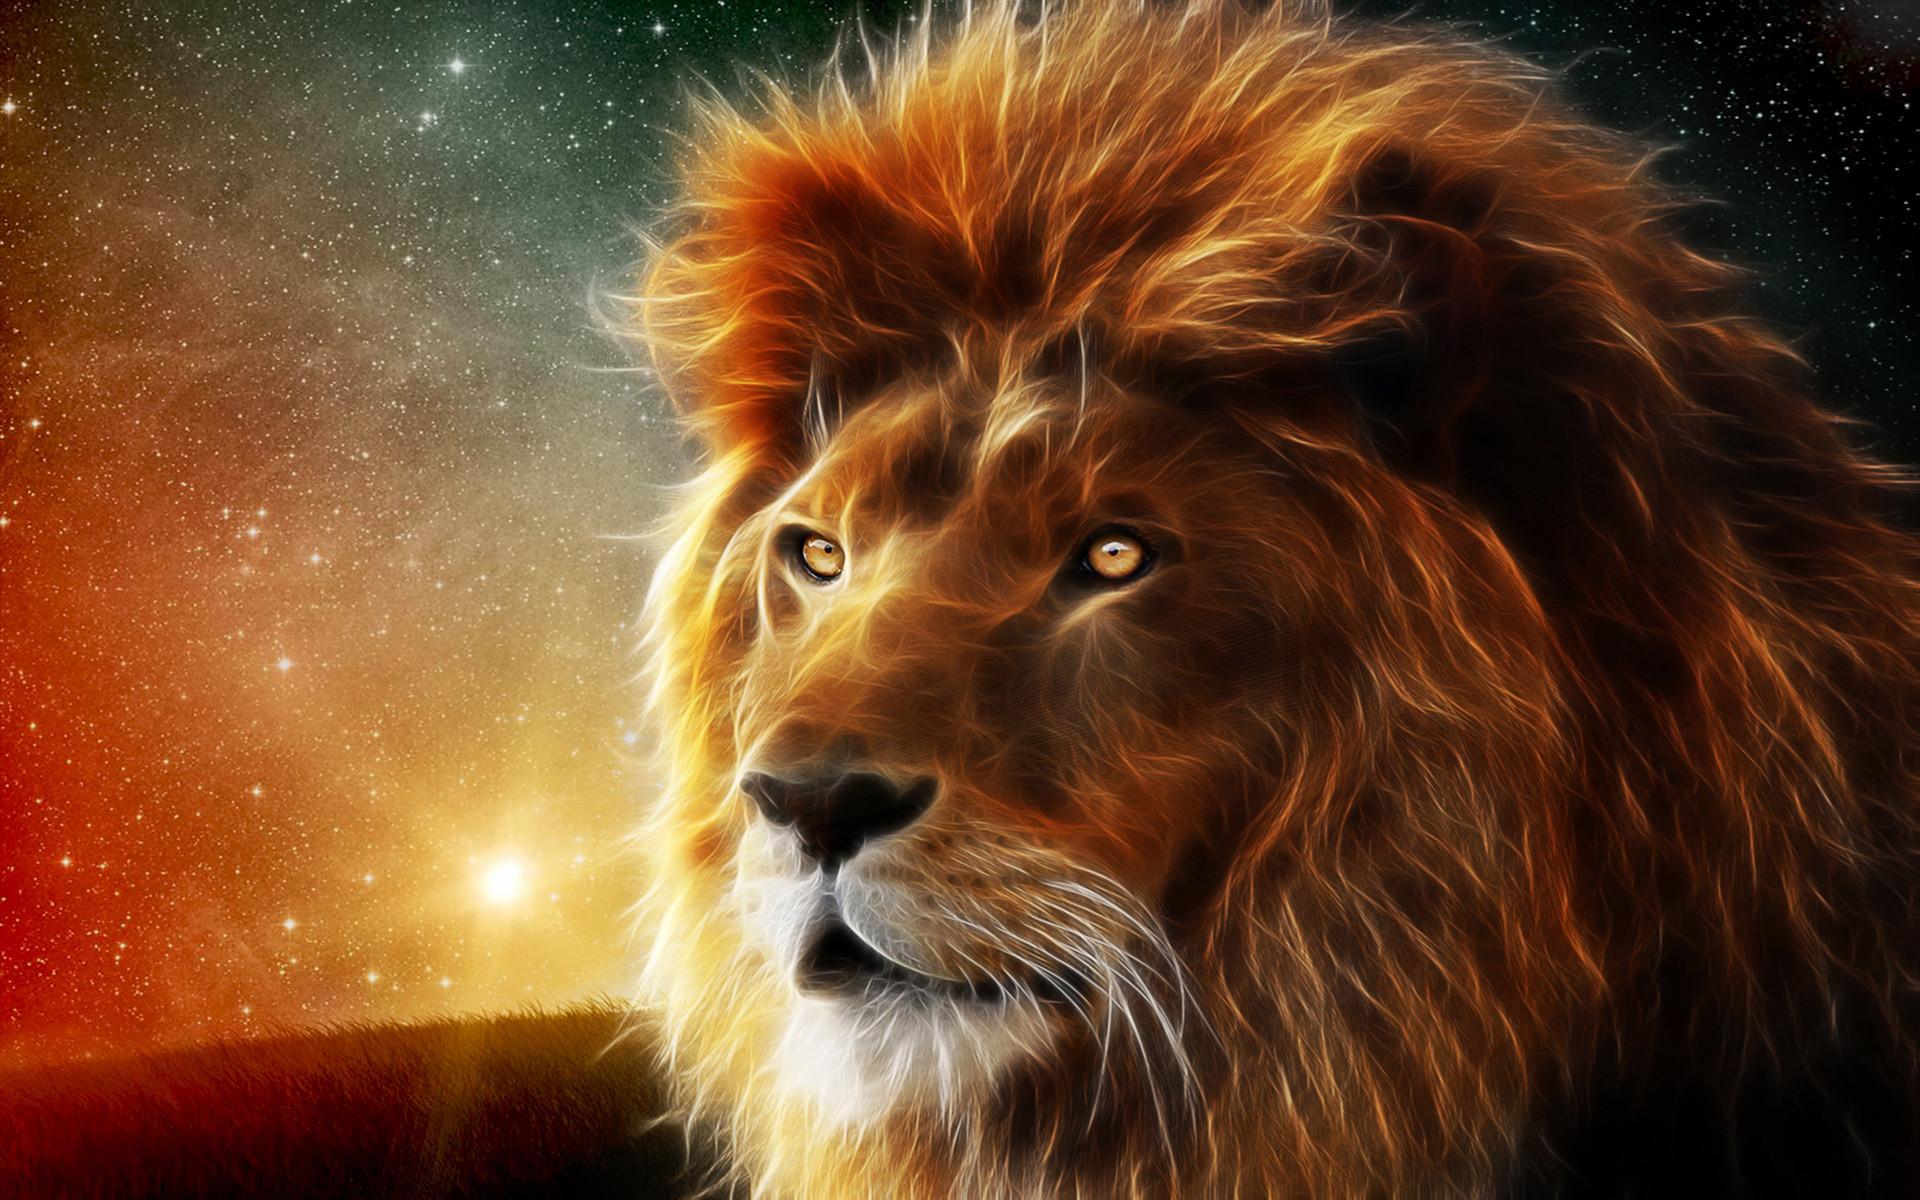 Lion Wallpaper Photo …